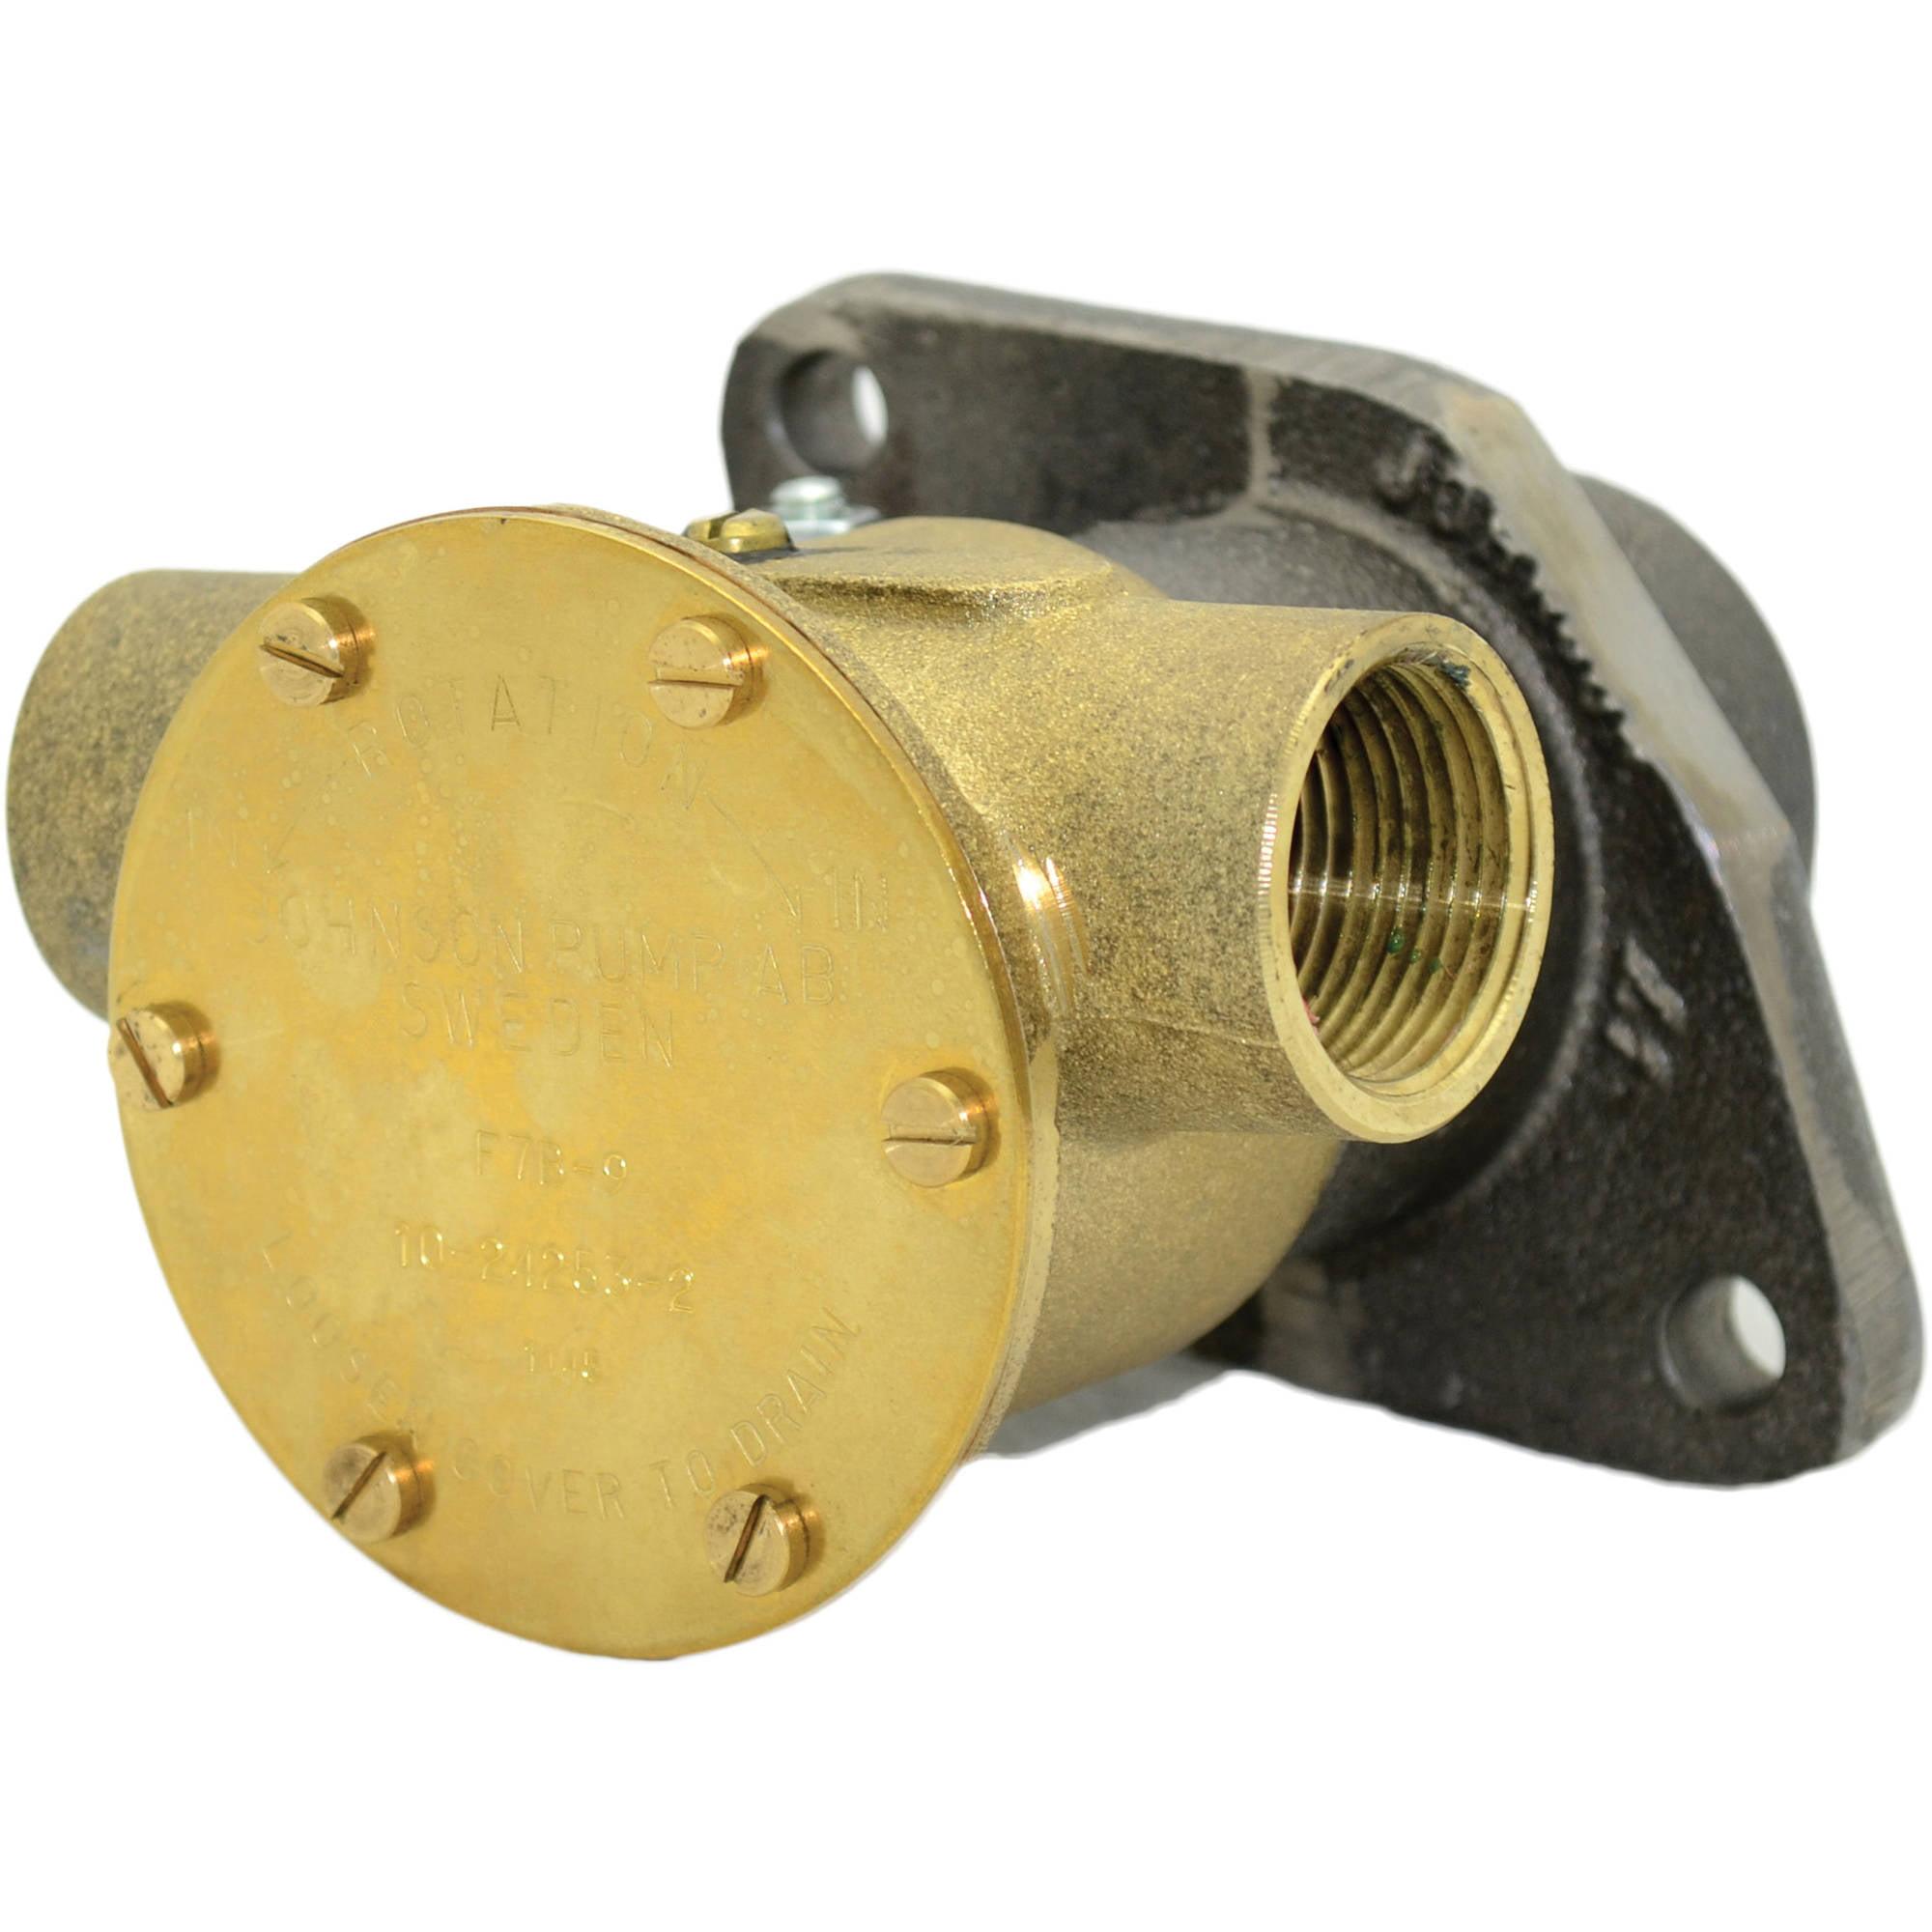 Johnson Pump 10-24253-2 F7B-9 Impeller Pump